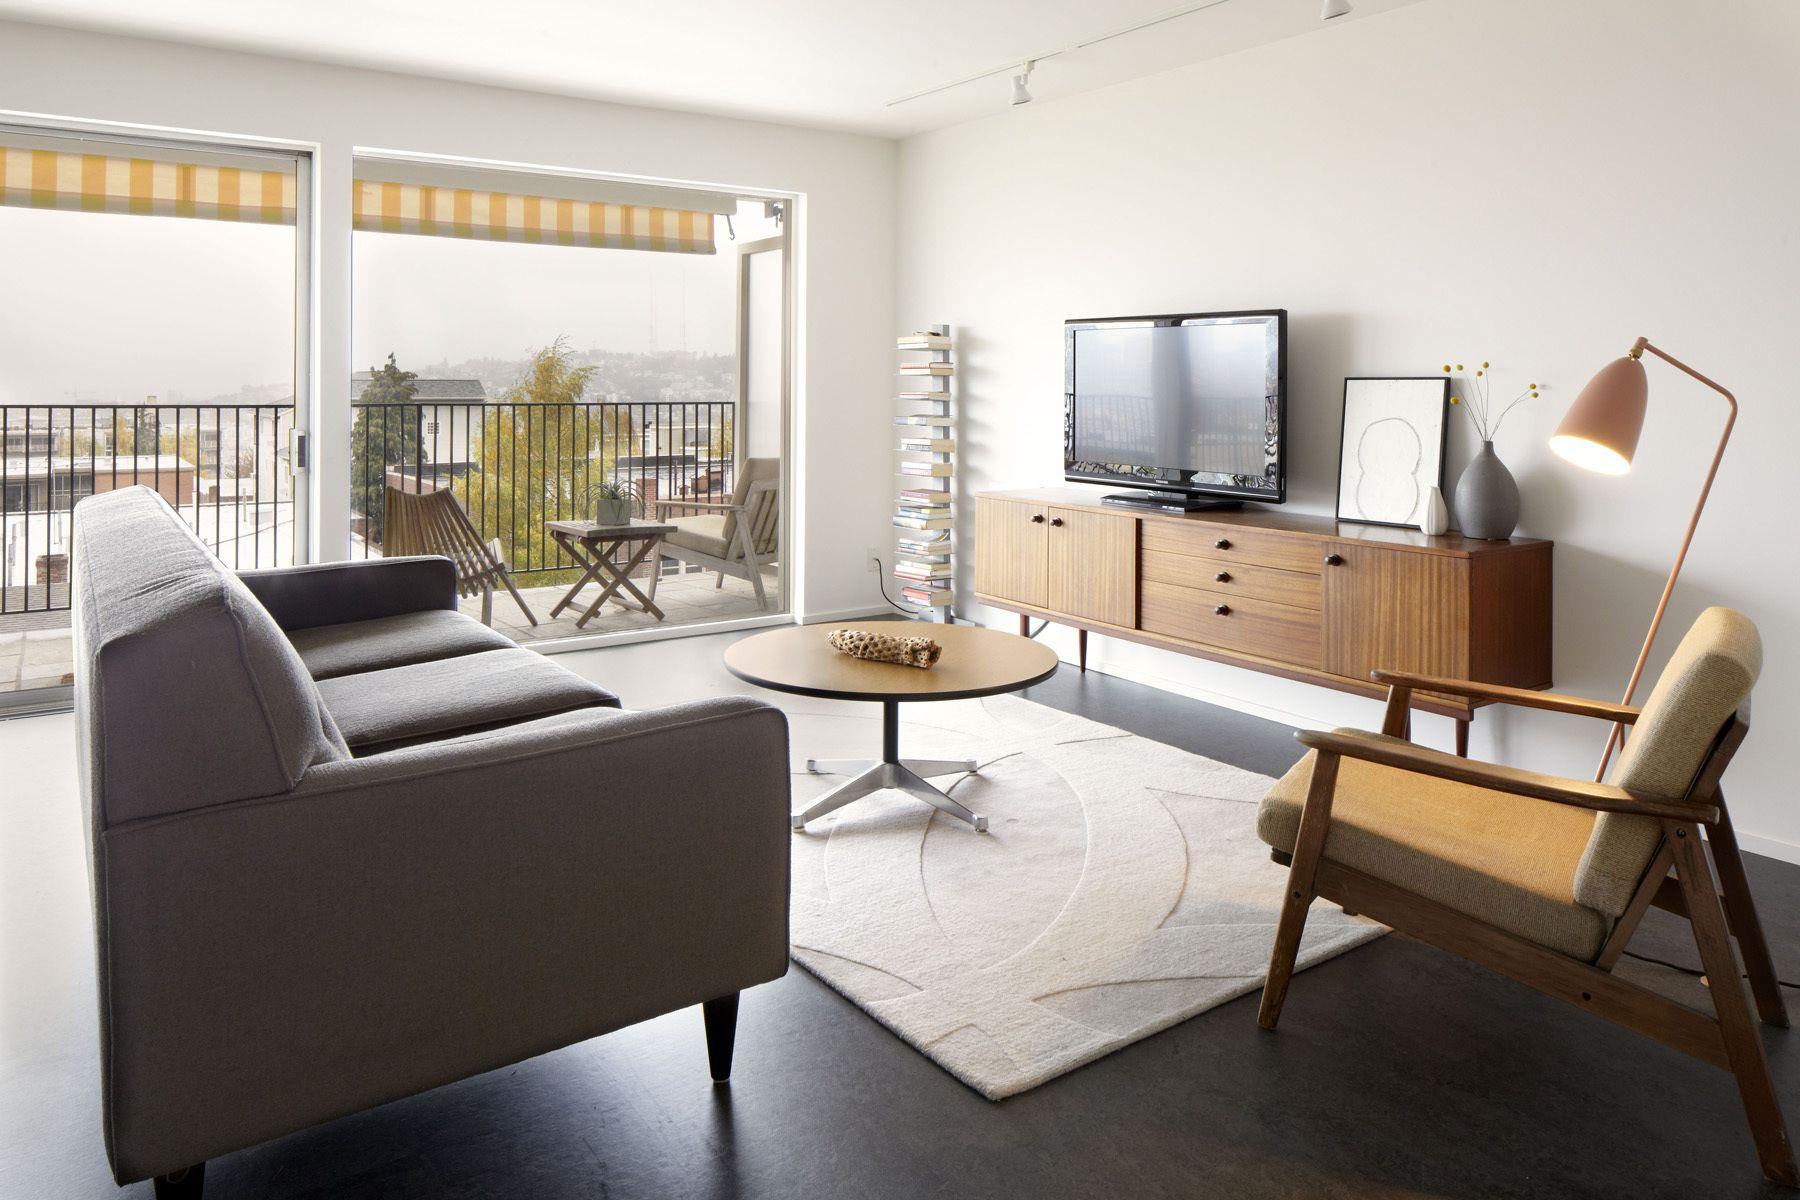 Midcentury Living Room And Minimalist Gallery Design Ideas ·  SesselWohnzimmerentwürfeModerne WohnzimmerModerner Art DecoElegantes ...